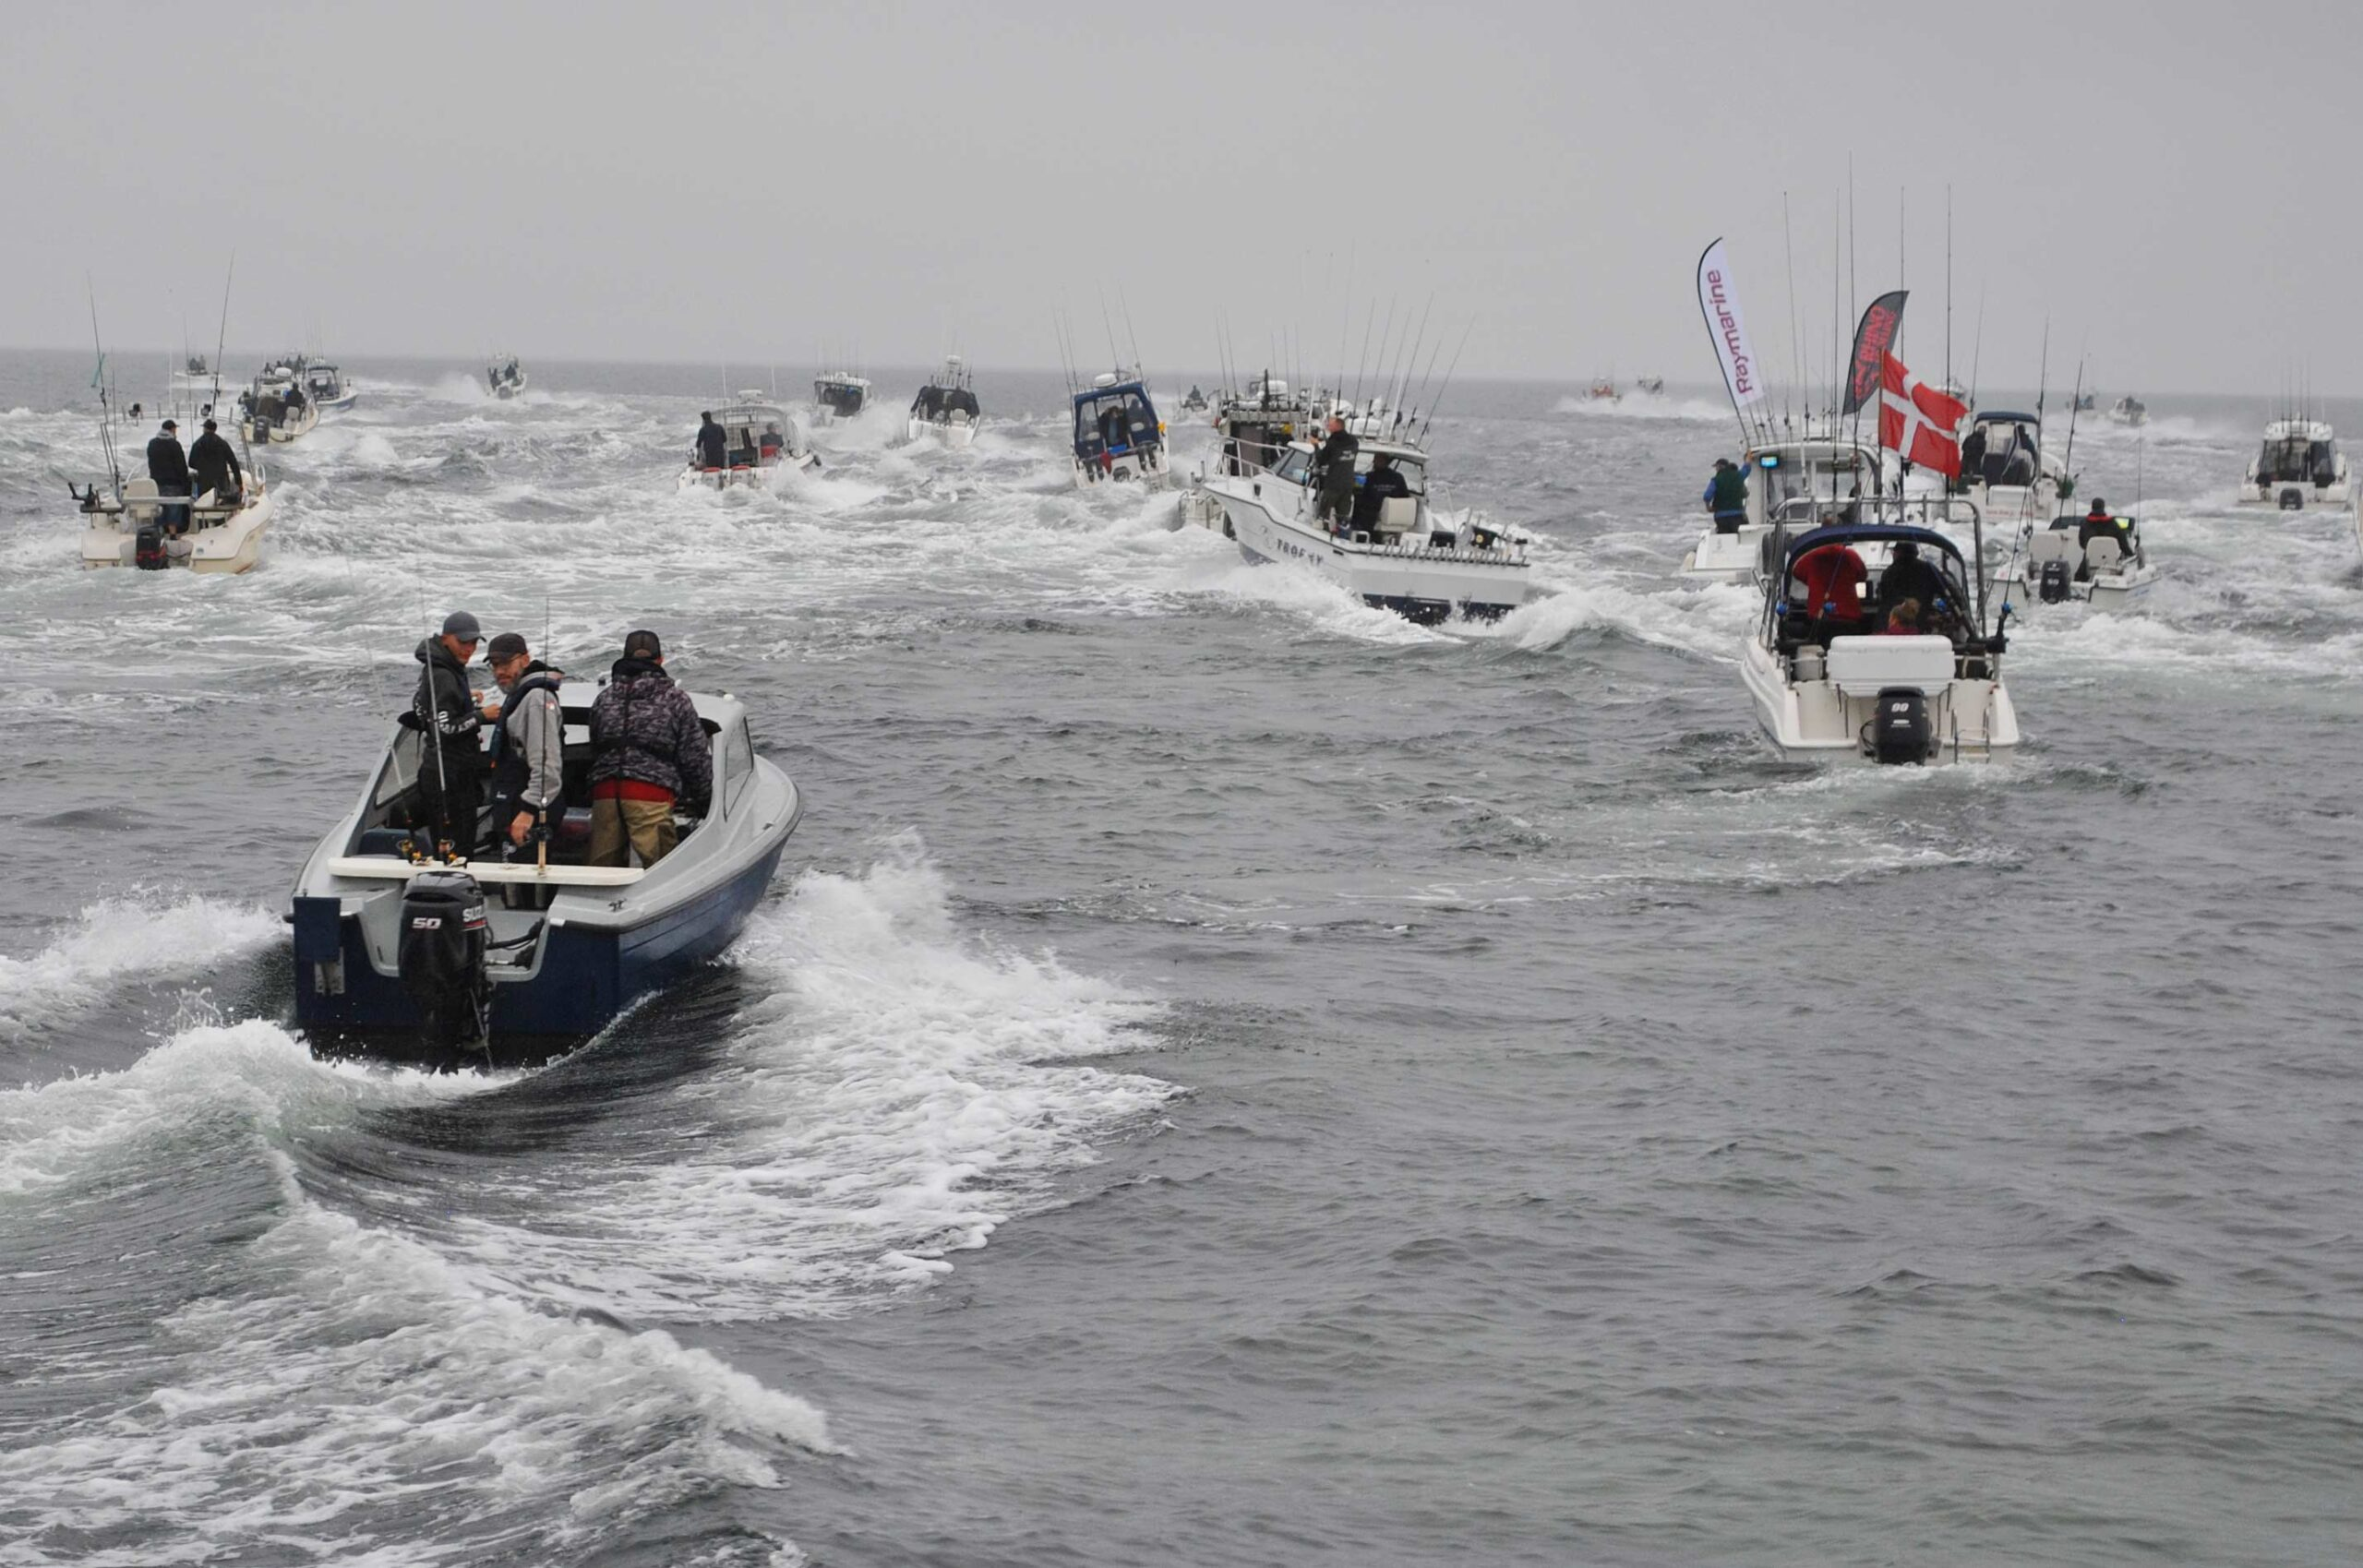 Der var god stemning da startten gik til årets DM i Fladfisk ved Onsevig i går.